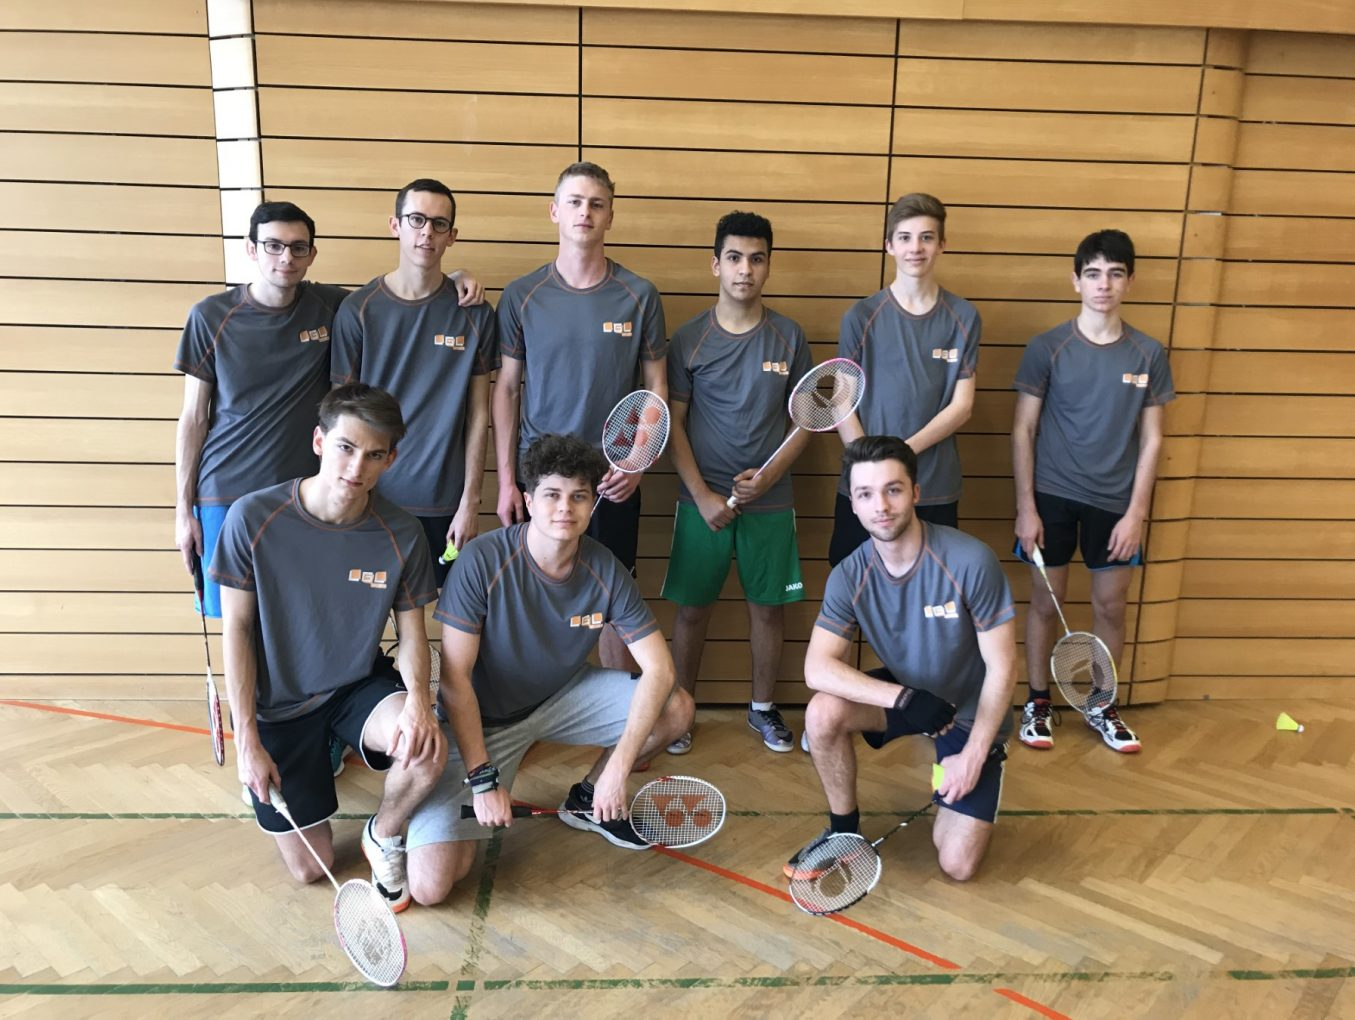 LASEL 28/02 Badminton